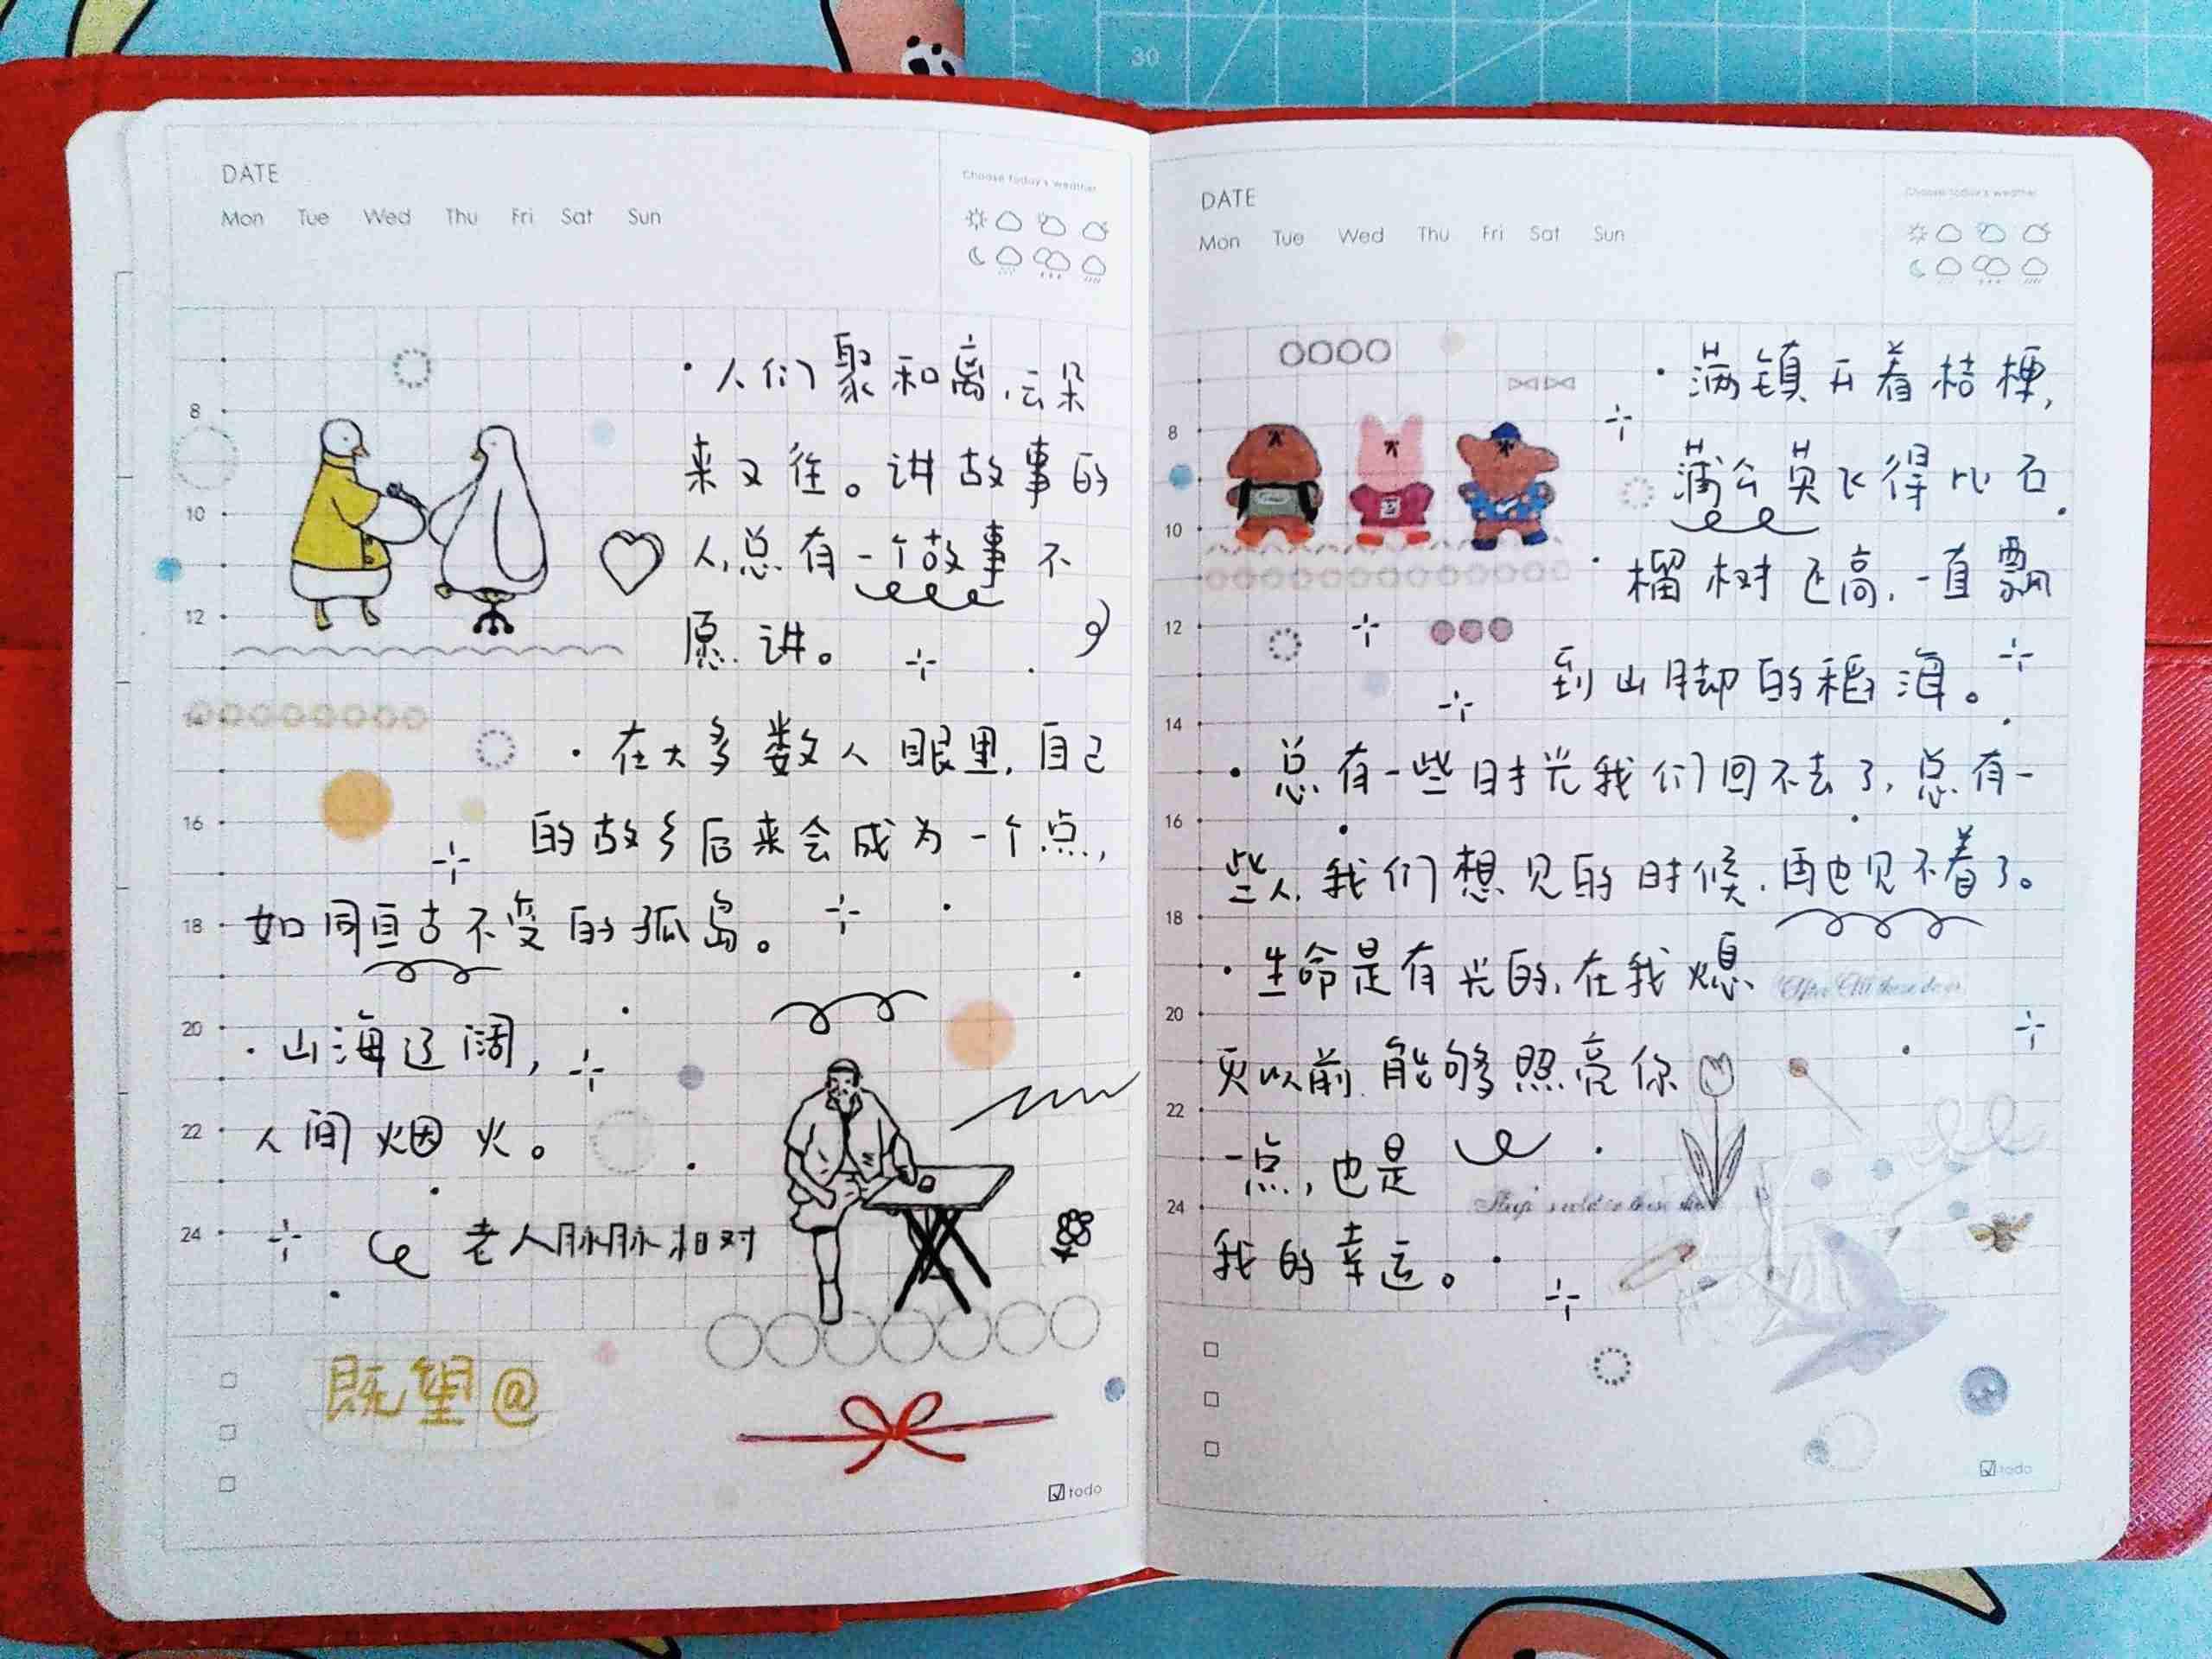 手账 盐系拼贴➕摘抄您安(´∀`)♡... ,手帐工具